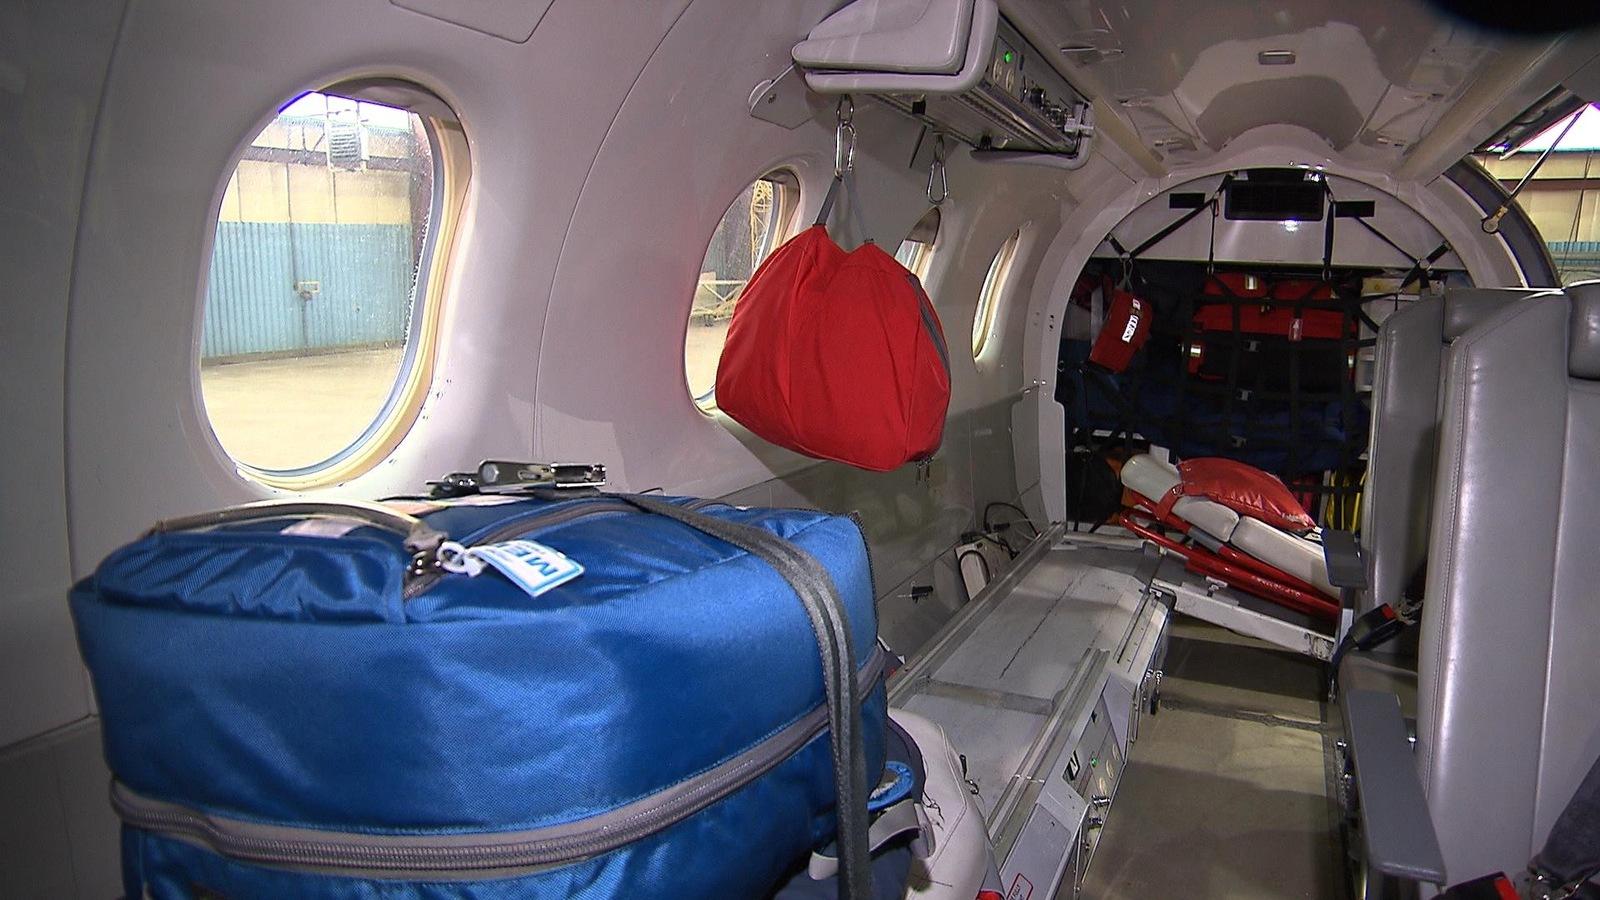 L'intérieur de l'avion d'Airmédic basé à Sept-Îles